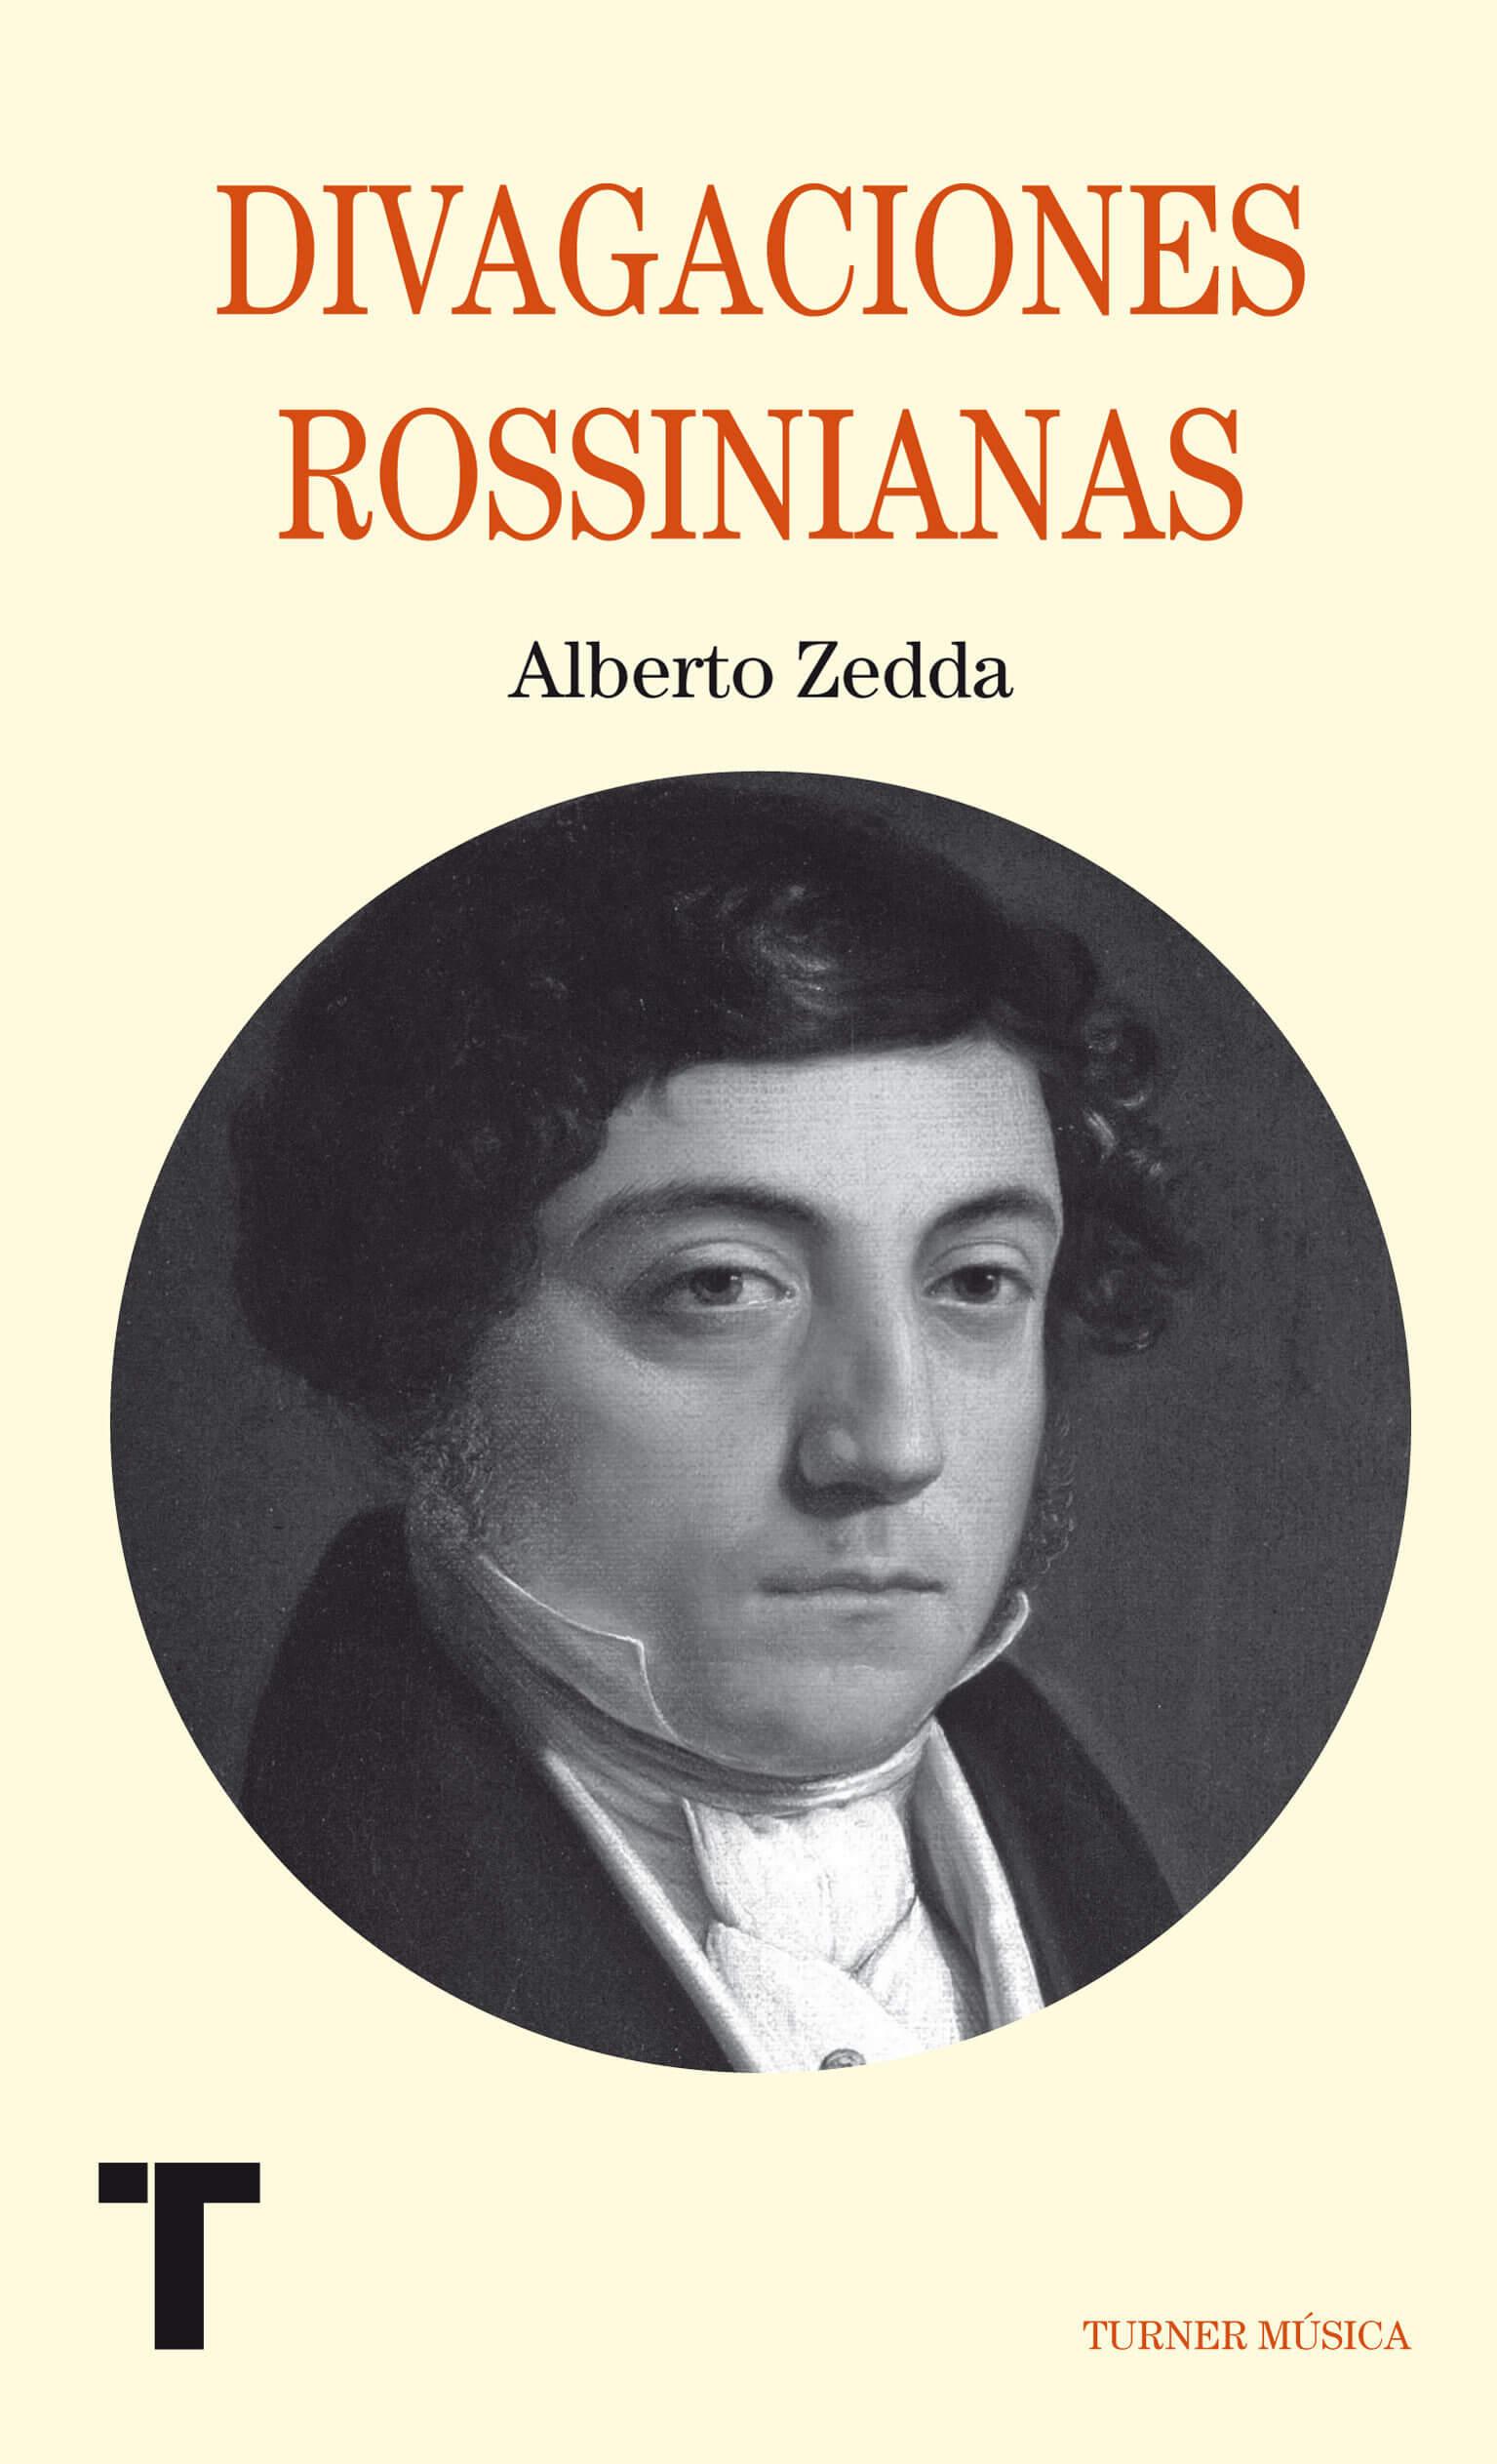 Divagaciones Rossinianas